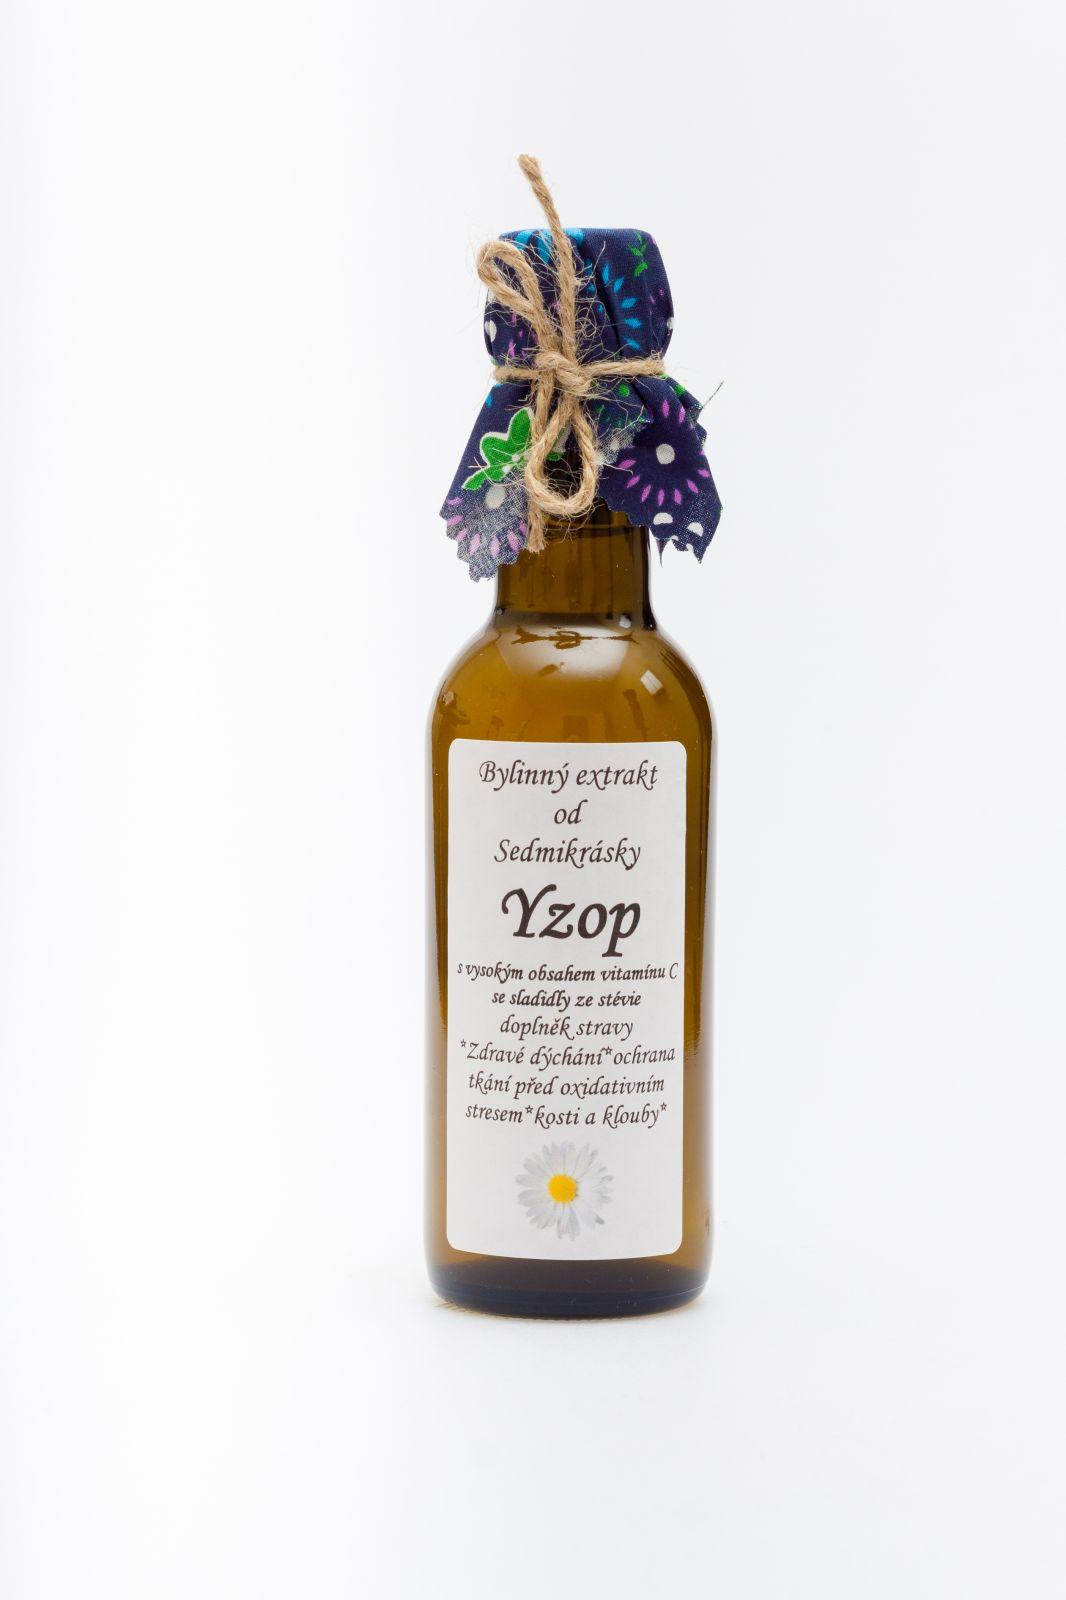 Sedmikráska bylinný extrakt Yzop s anýzem 250ml zdravé dýchání, ochrana tkání před oxidativním stresem, kosti a klouby, vitalita, trávení, nadýmání doplněk stravy Rodinná farma Sedmikráska